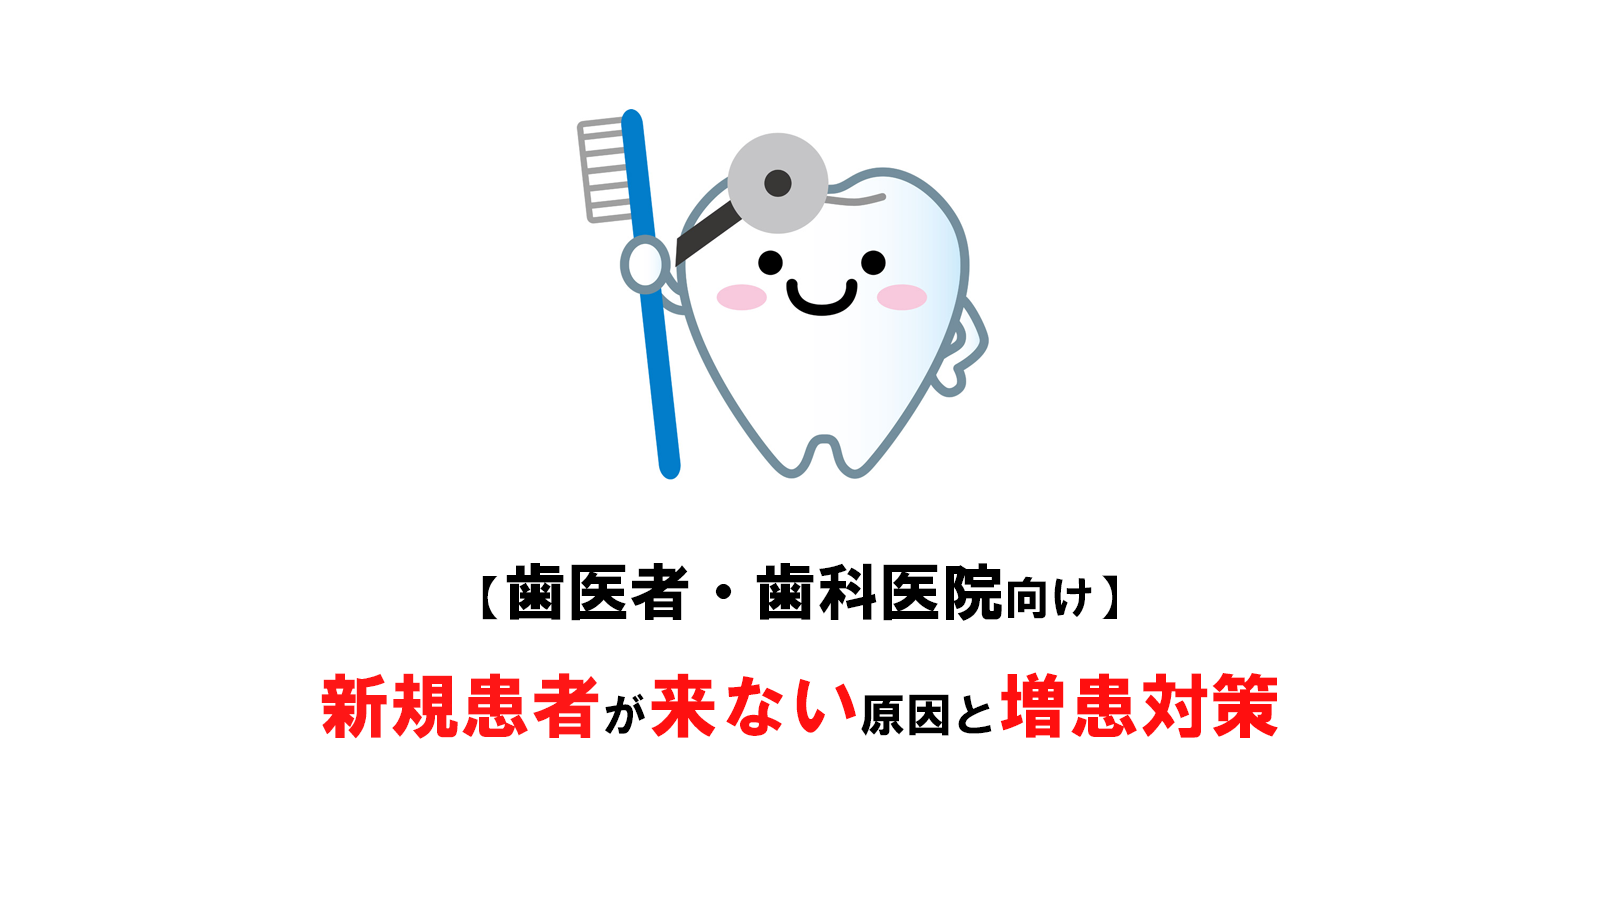 【歯医者・歯科医院向け】新規患者が来ない原因と増患対策